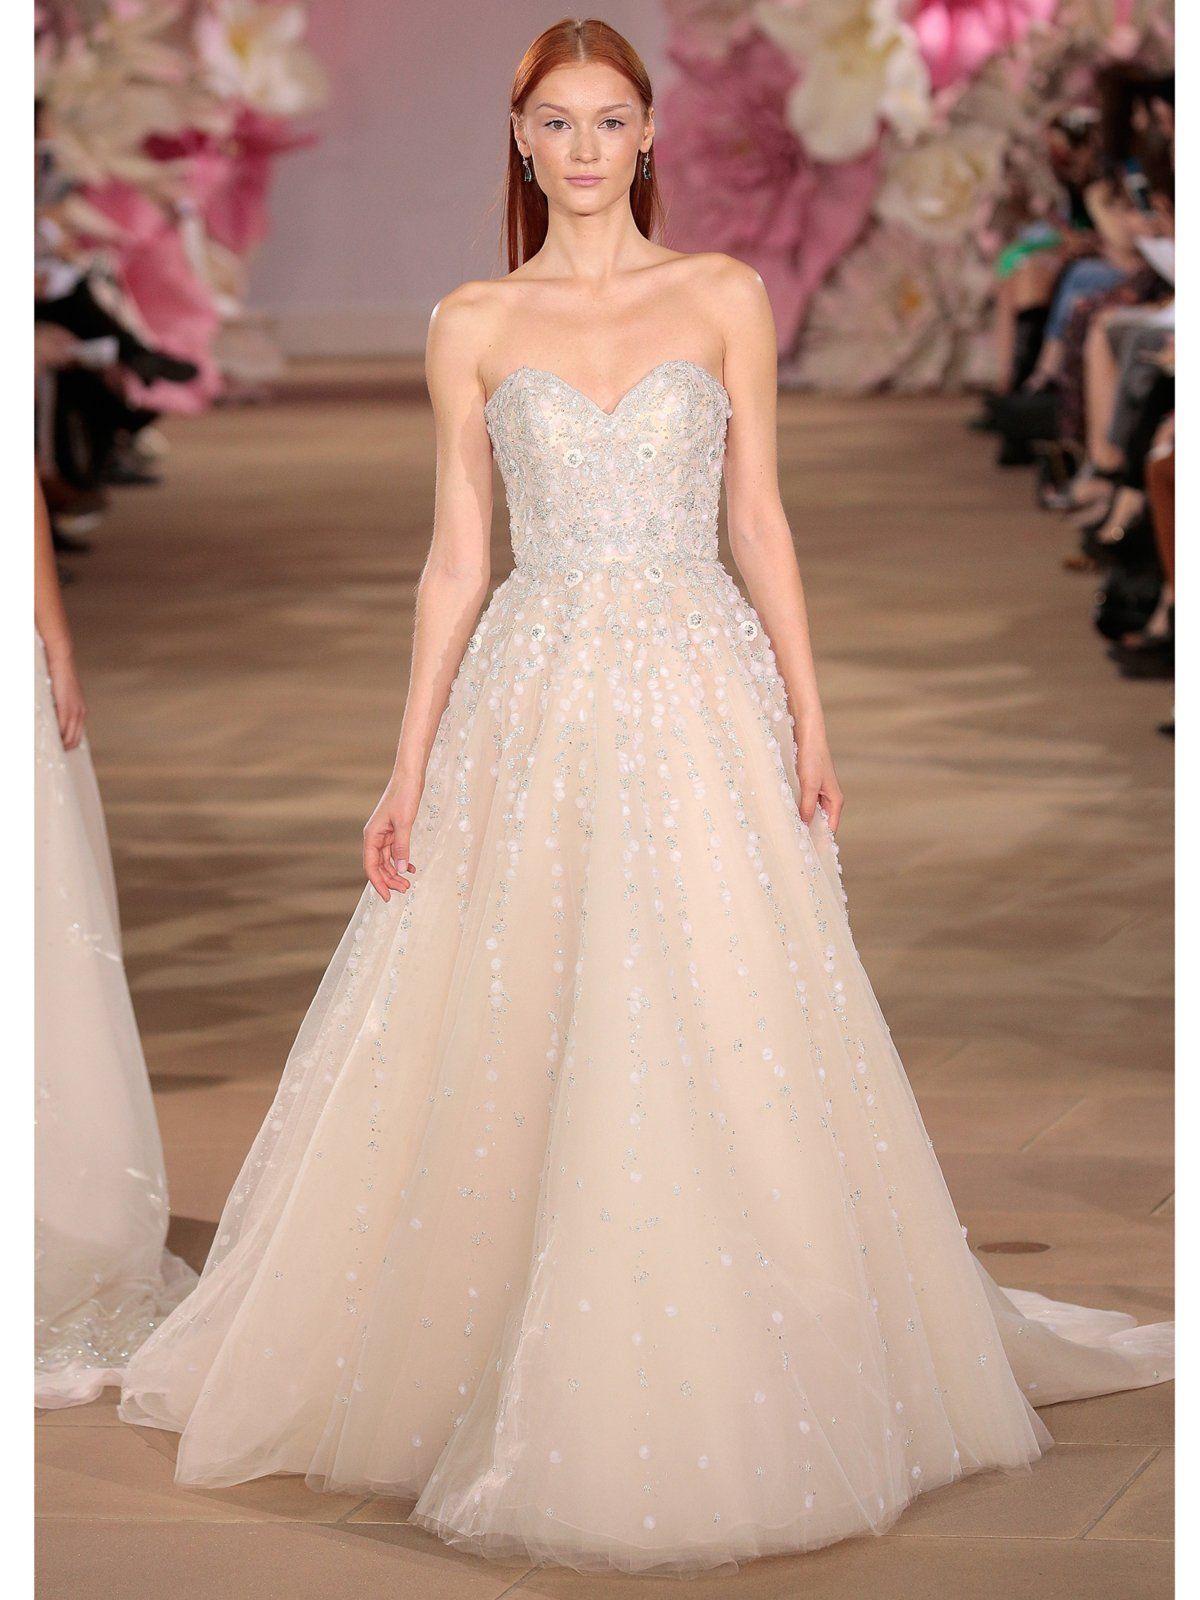 Hochzeitskleid Duchesse  Brautkleid designer, Atemberaubende